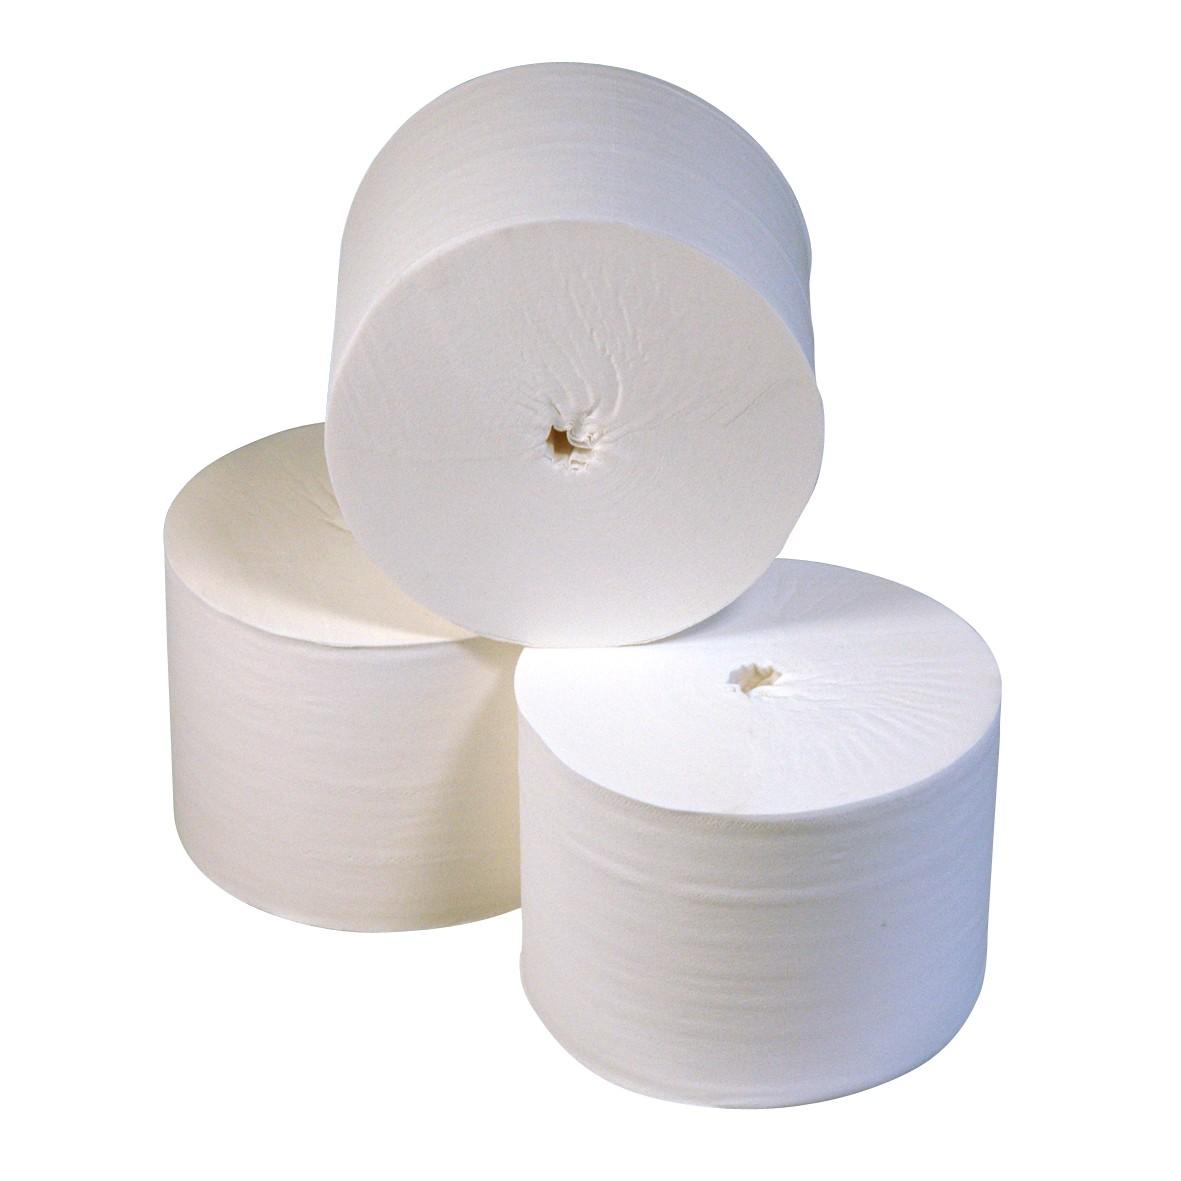 Toiletpapier coreless 900 vel 2-laags, inhoud 36 rollen ECO